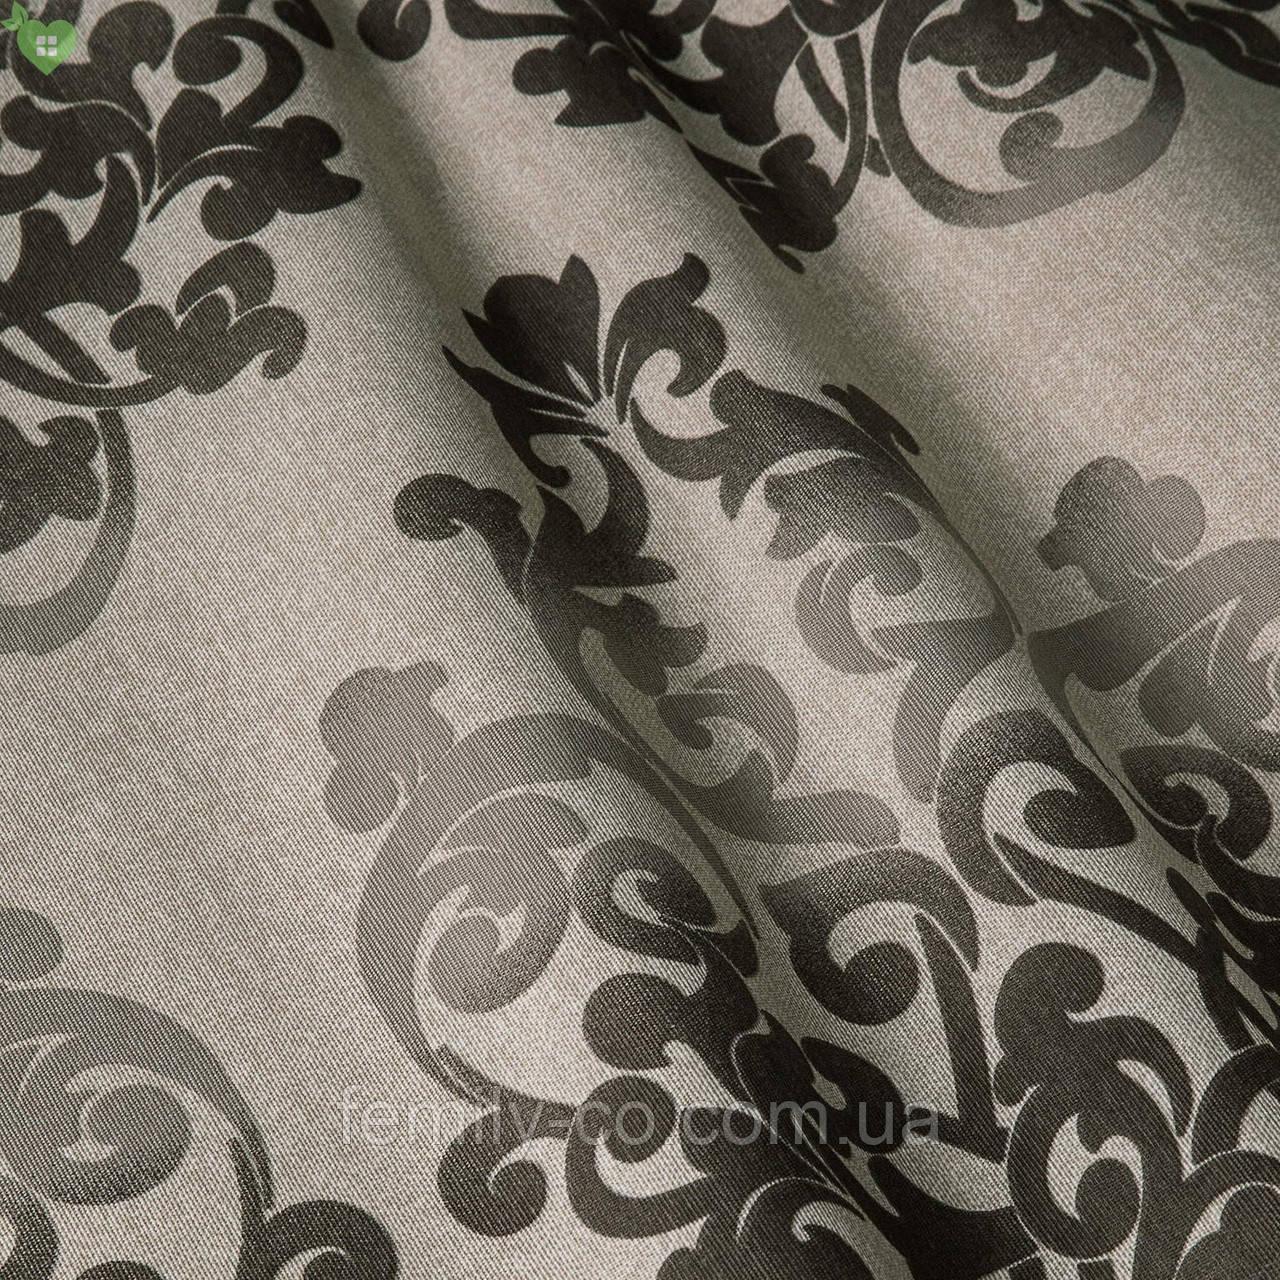 Декоративная ткань вензель коричневый Испания 83360v4